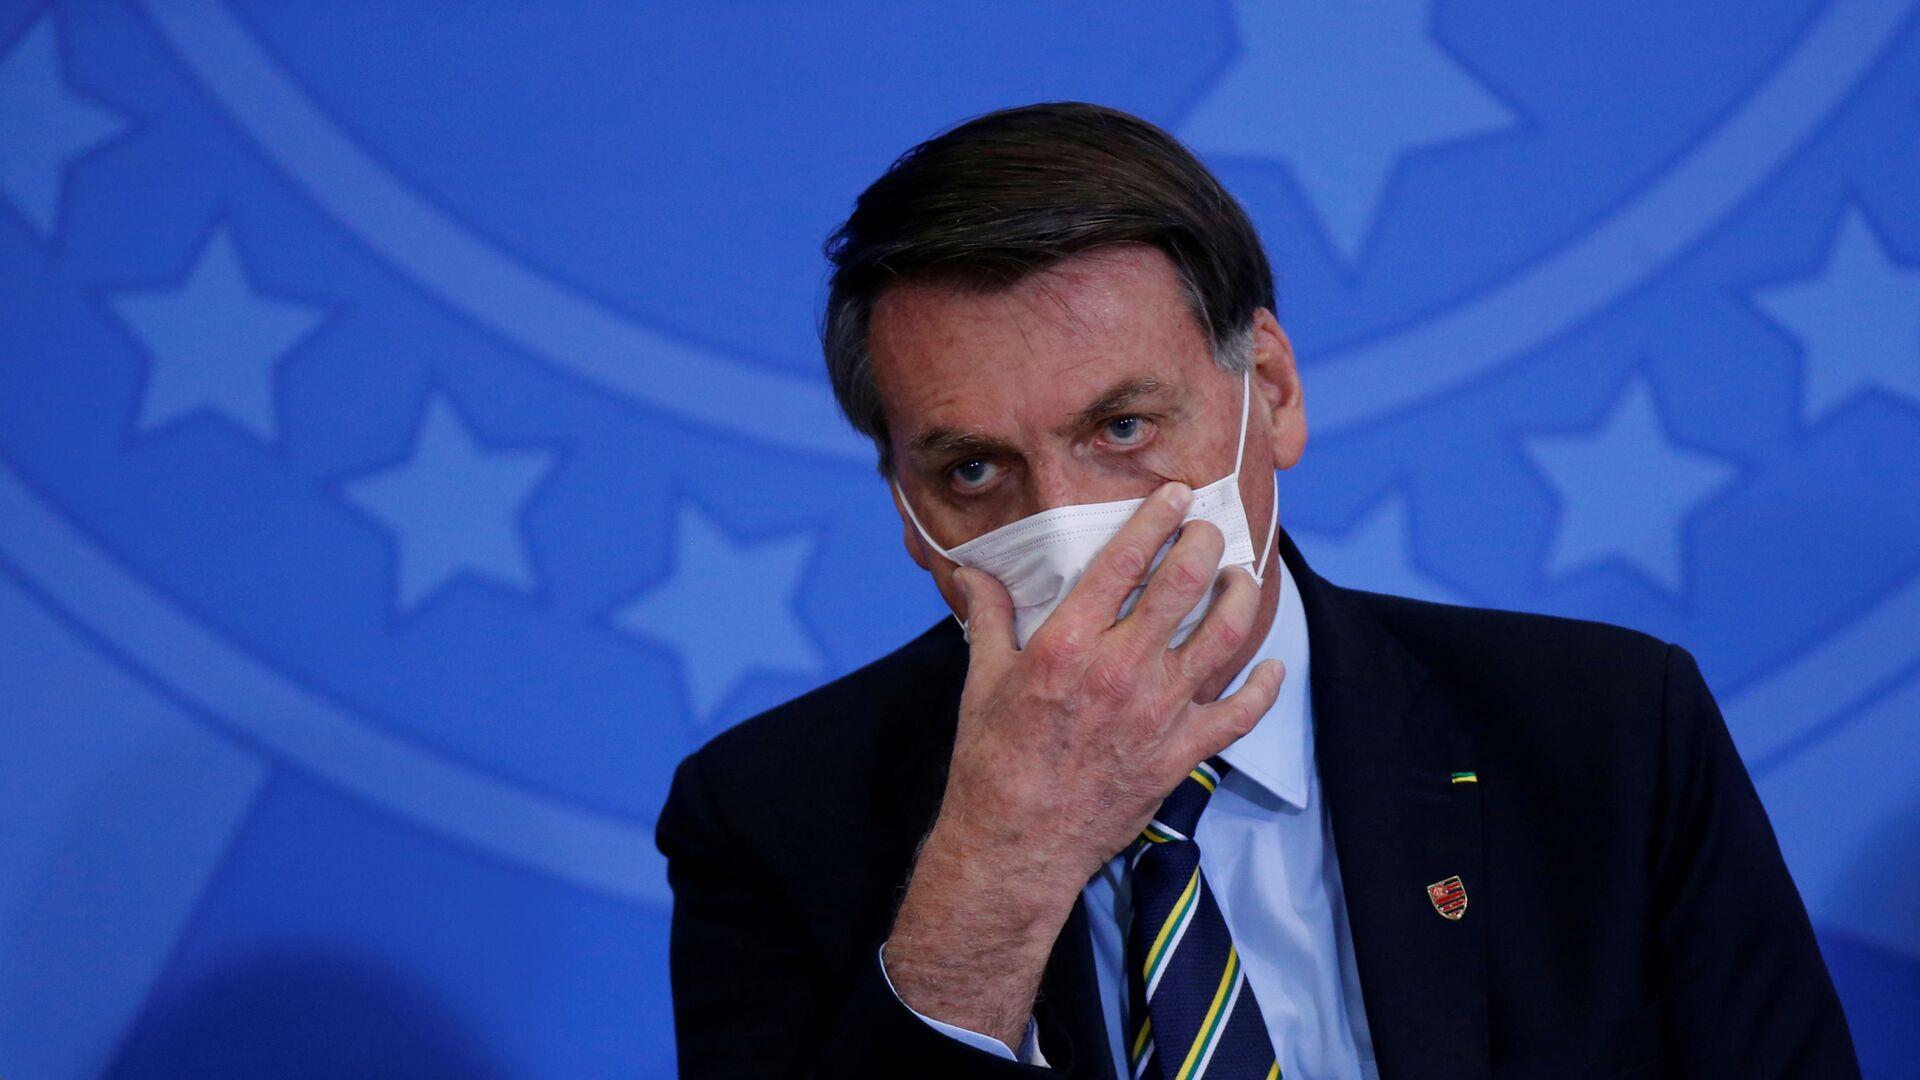 Le President Jair Bolsonaro ajuste un masque durant l'épidémie - Sputnik France, 1920, 23.09.2021